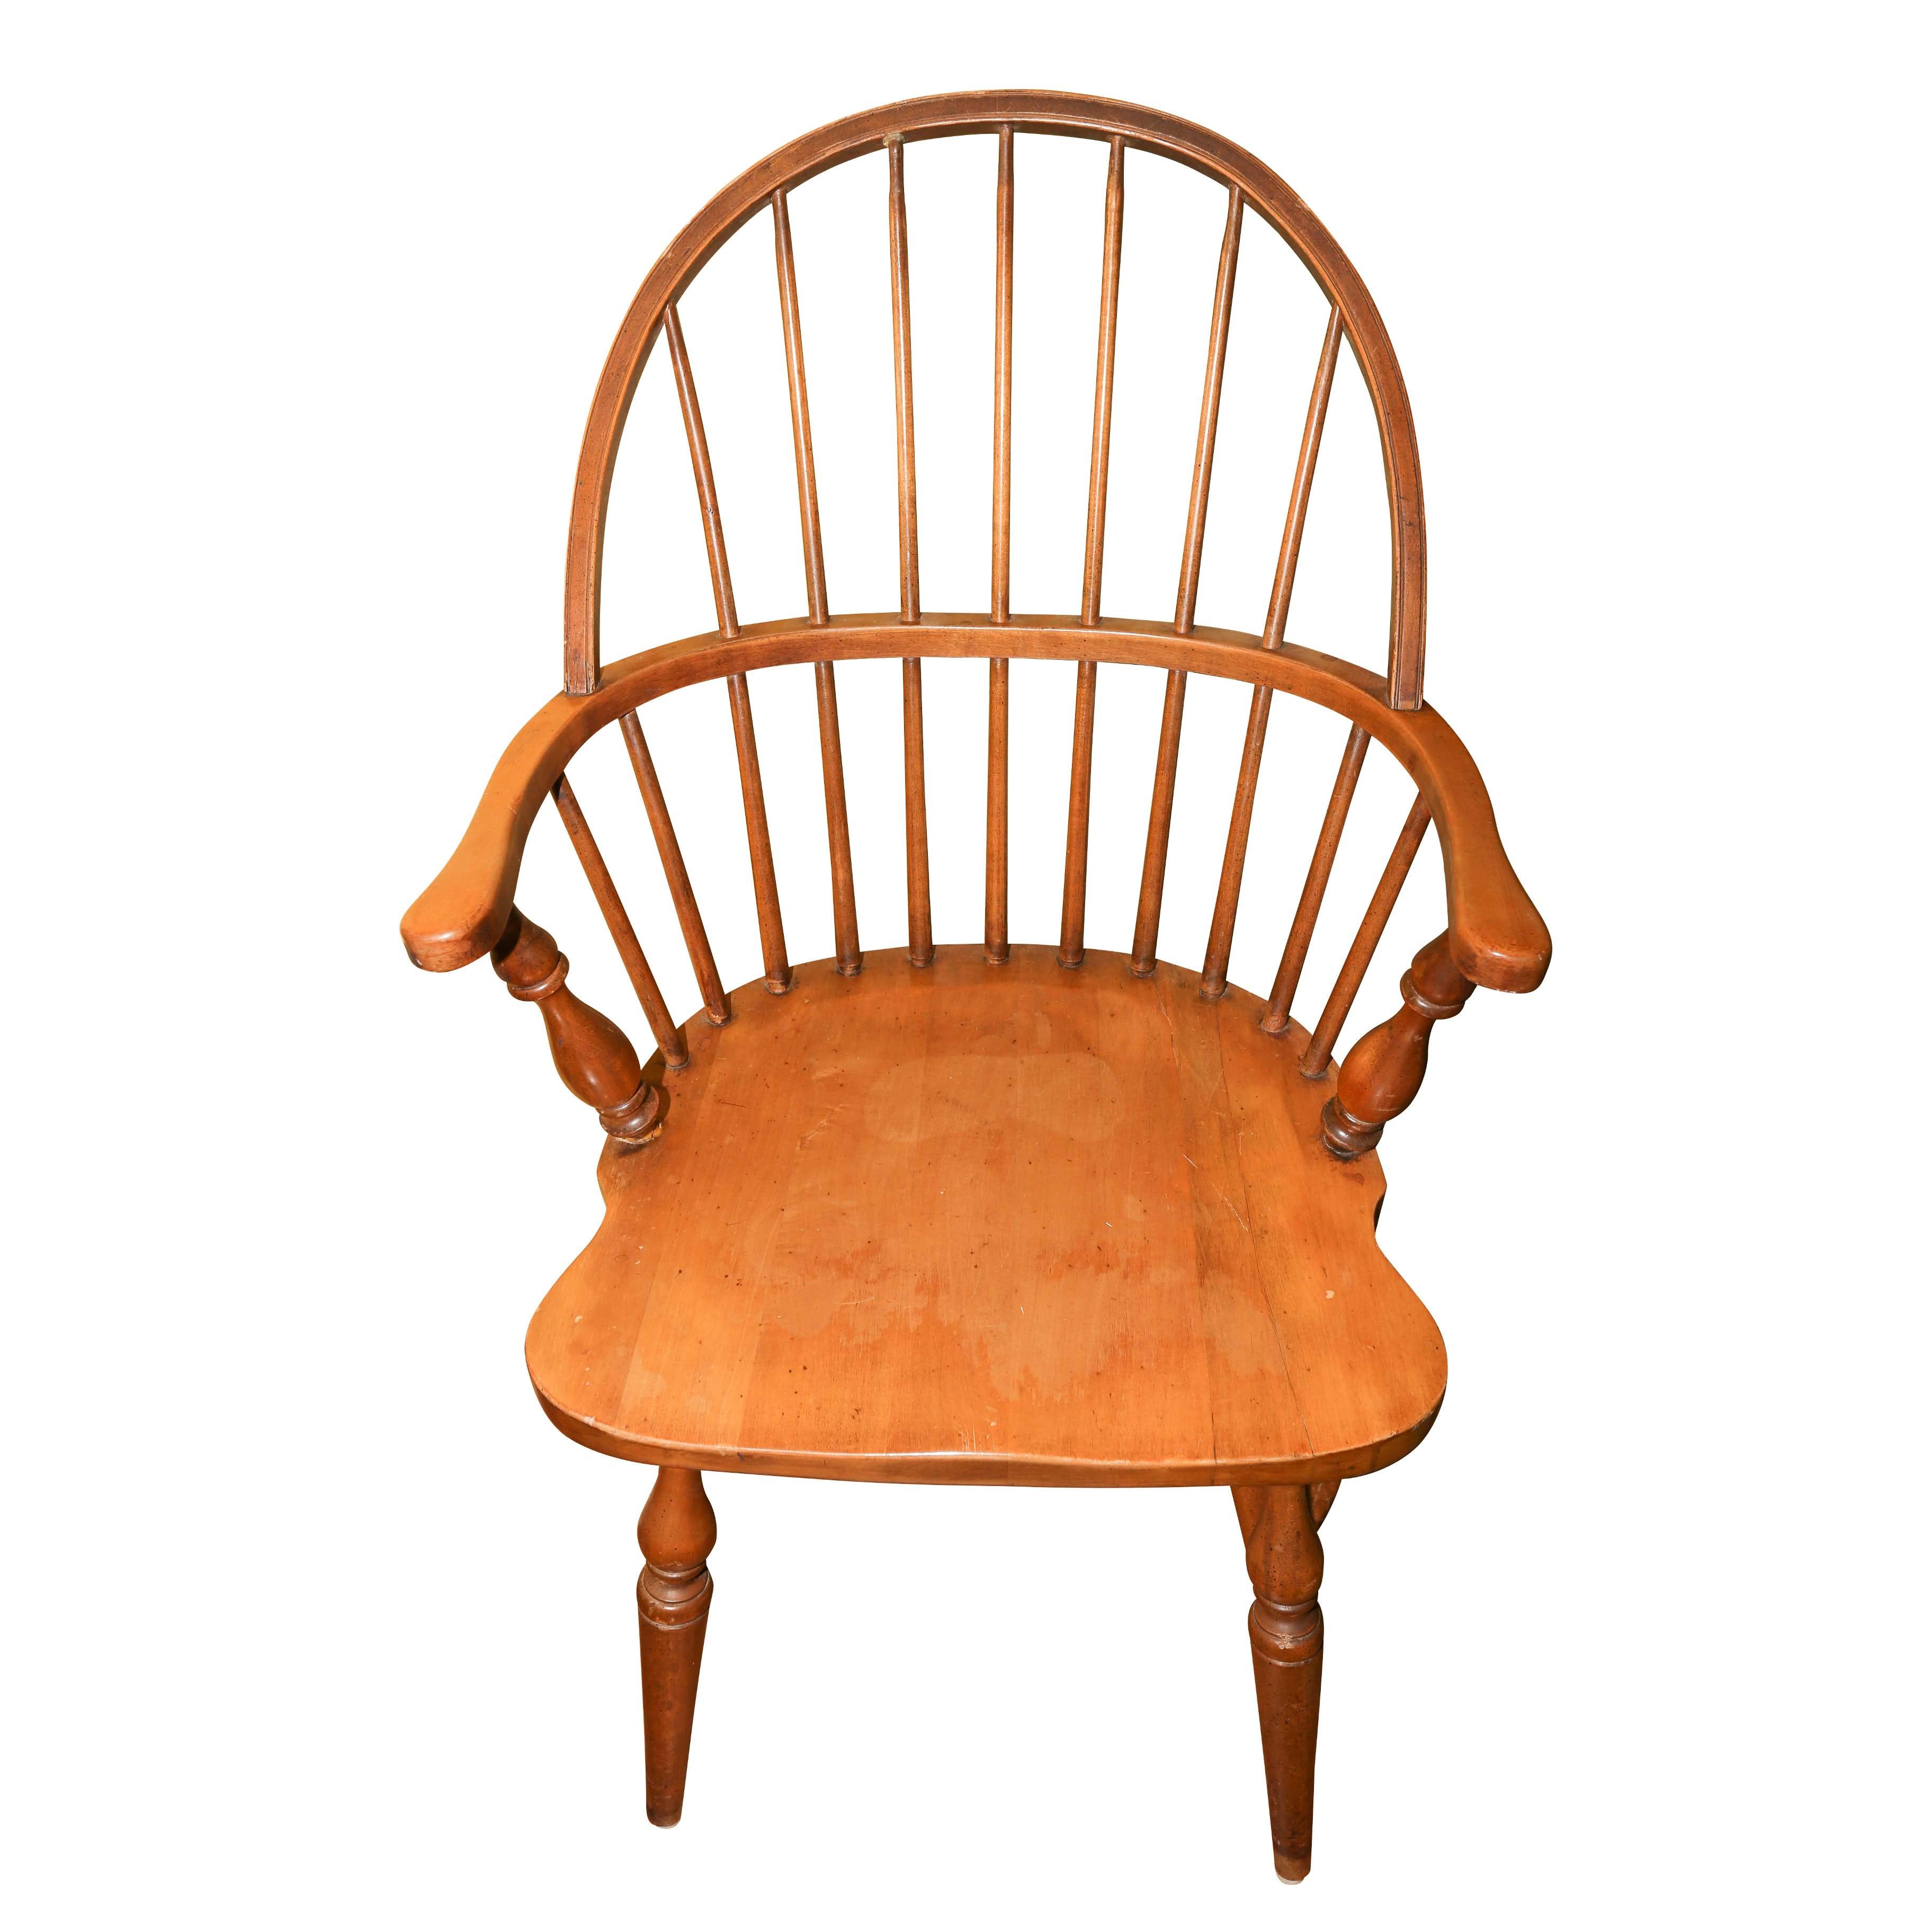 Vintage Windsor Style Barrel Back Armchair